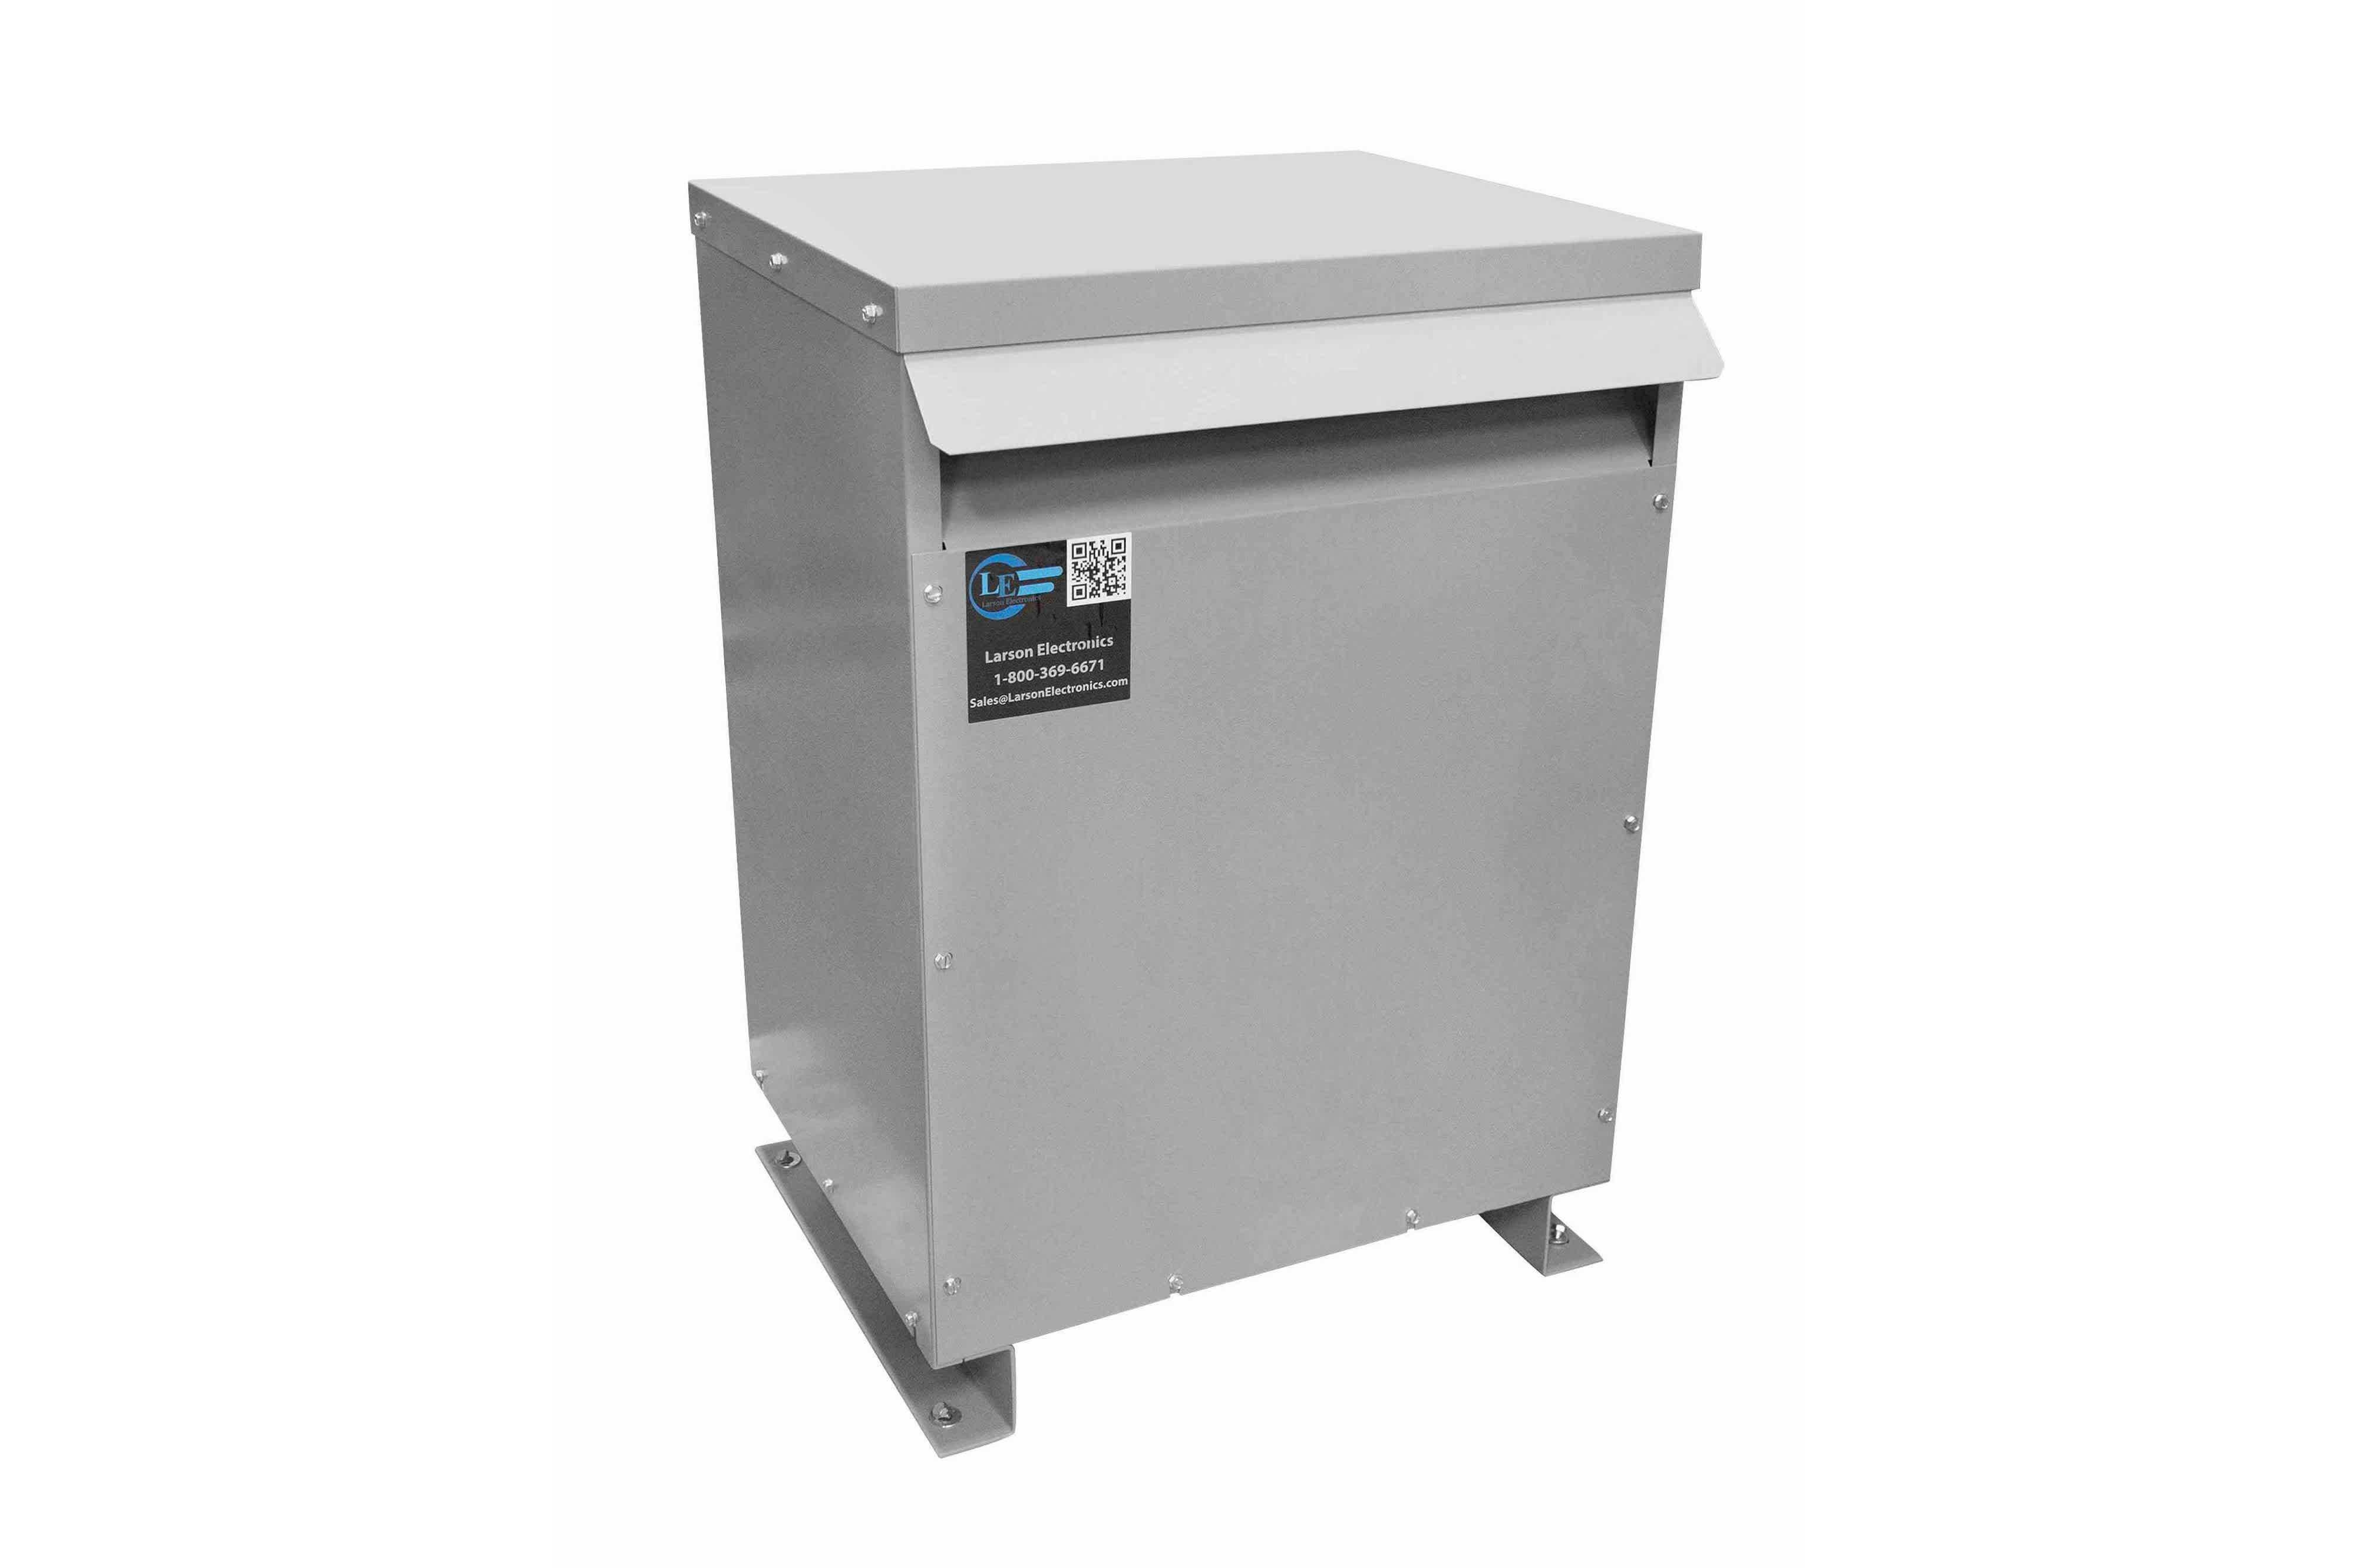 32.5 kVA 3PH Isolation Transformer, 460V Delta Primary, 208V Delta Secondary, N3R, Ventilated, 60 Hz